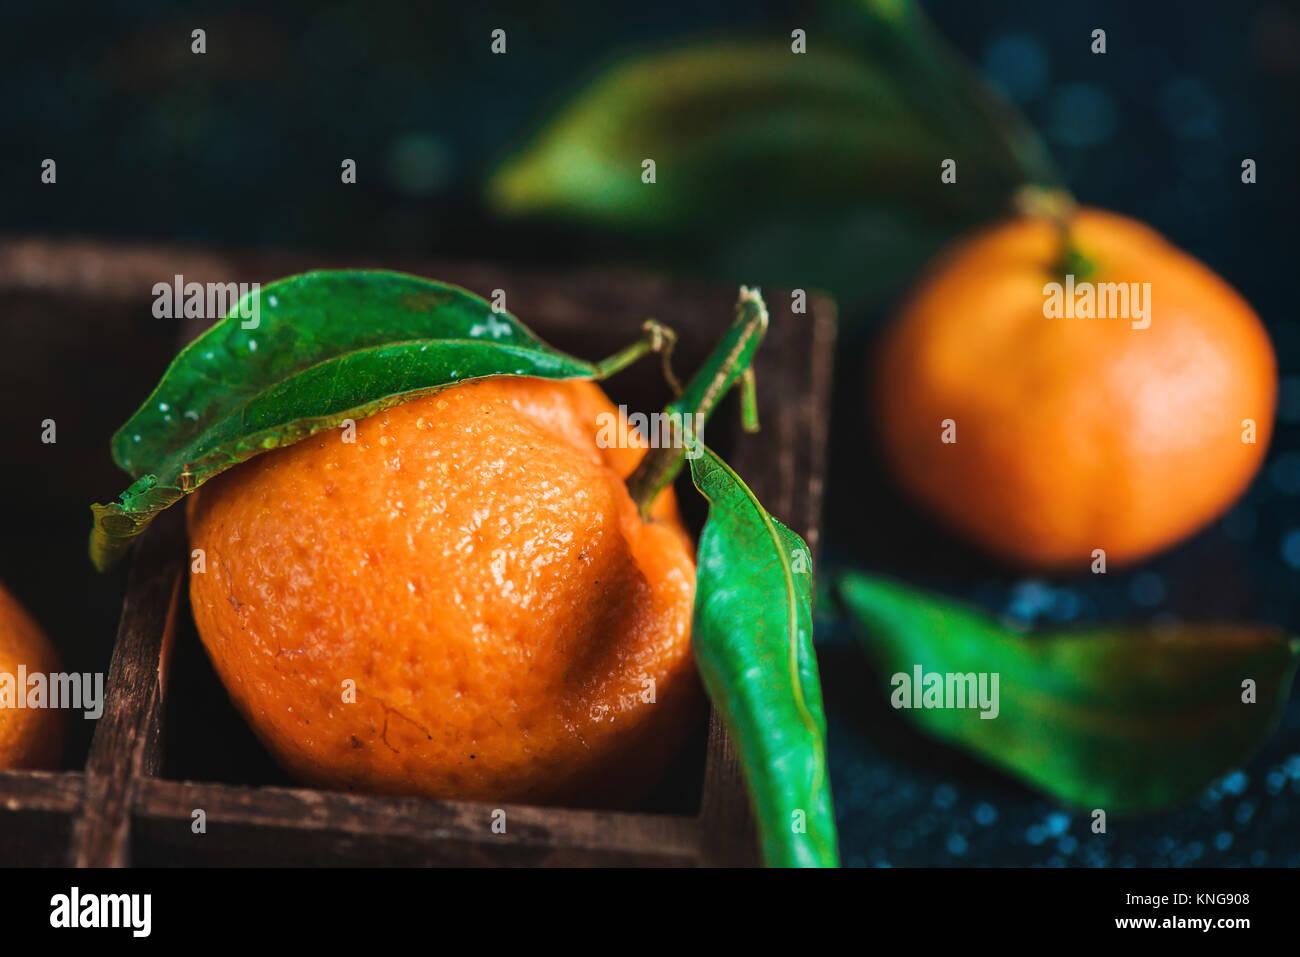 Nahaufnahme der Mandarinen in einer Holzkiste auf einem dunklen Hintergrund. Wassertropfen auf einer Fläche. Stockbild